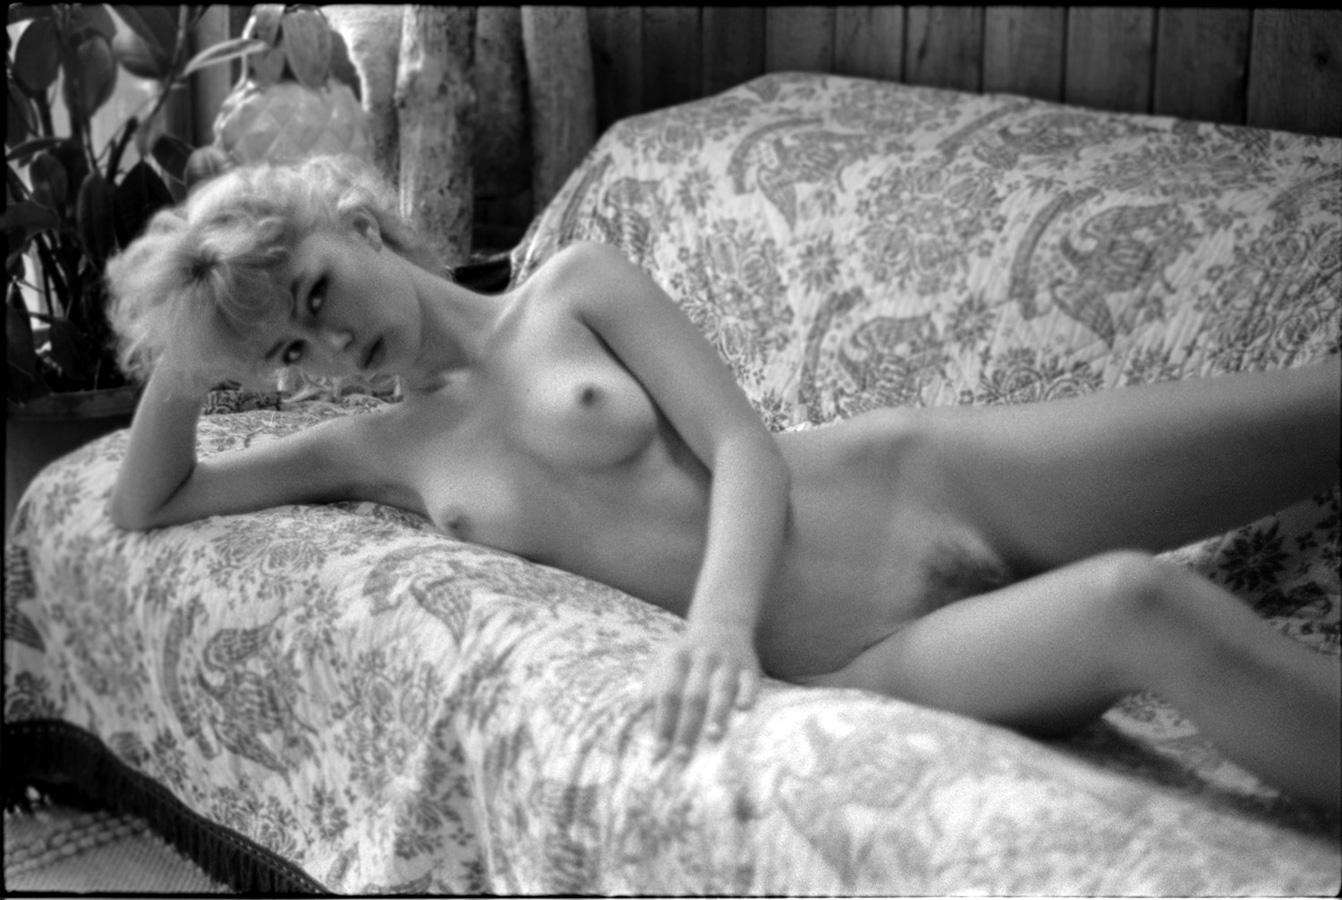 Французская эротика бесплатно 23 фотография